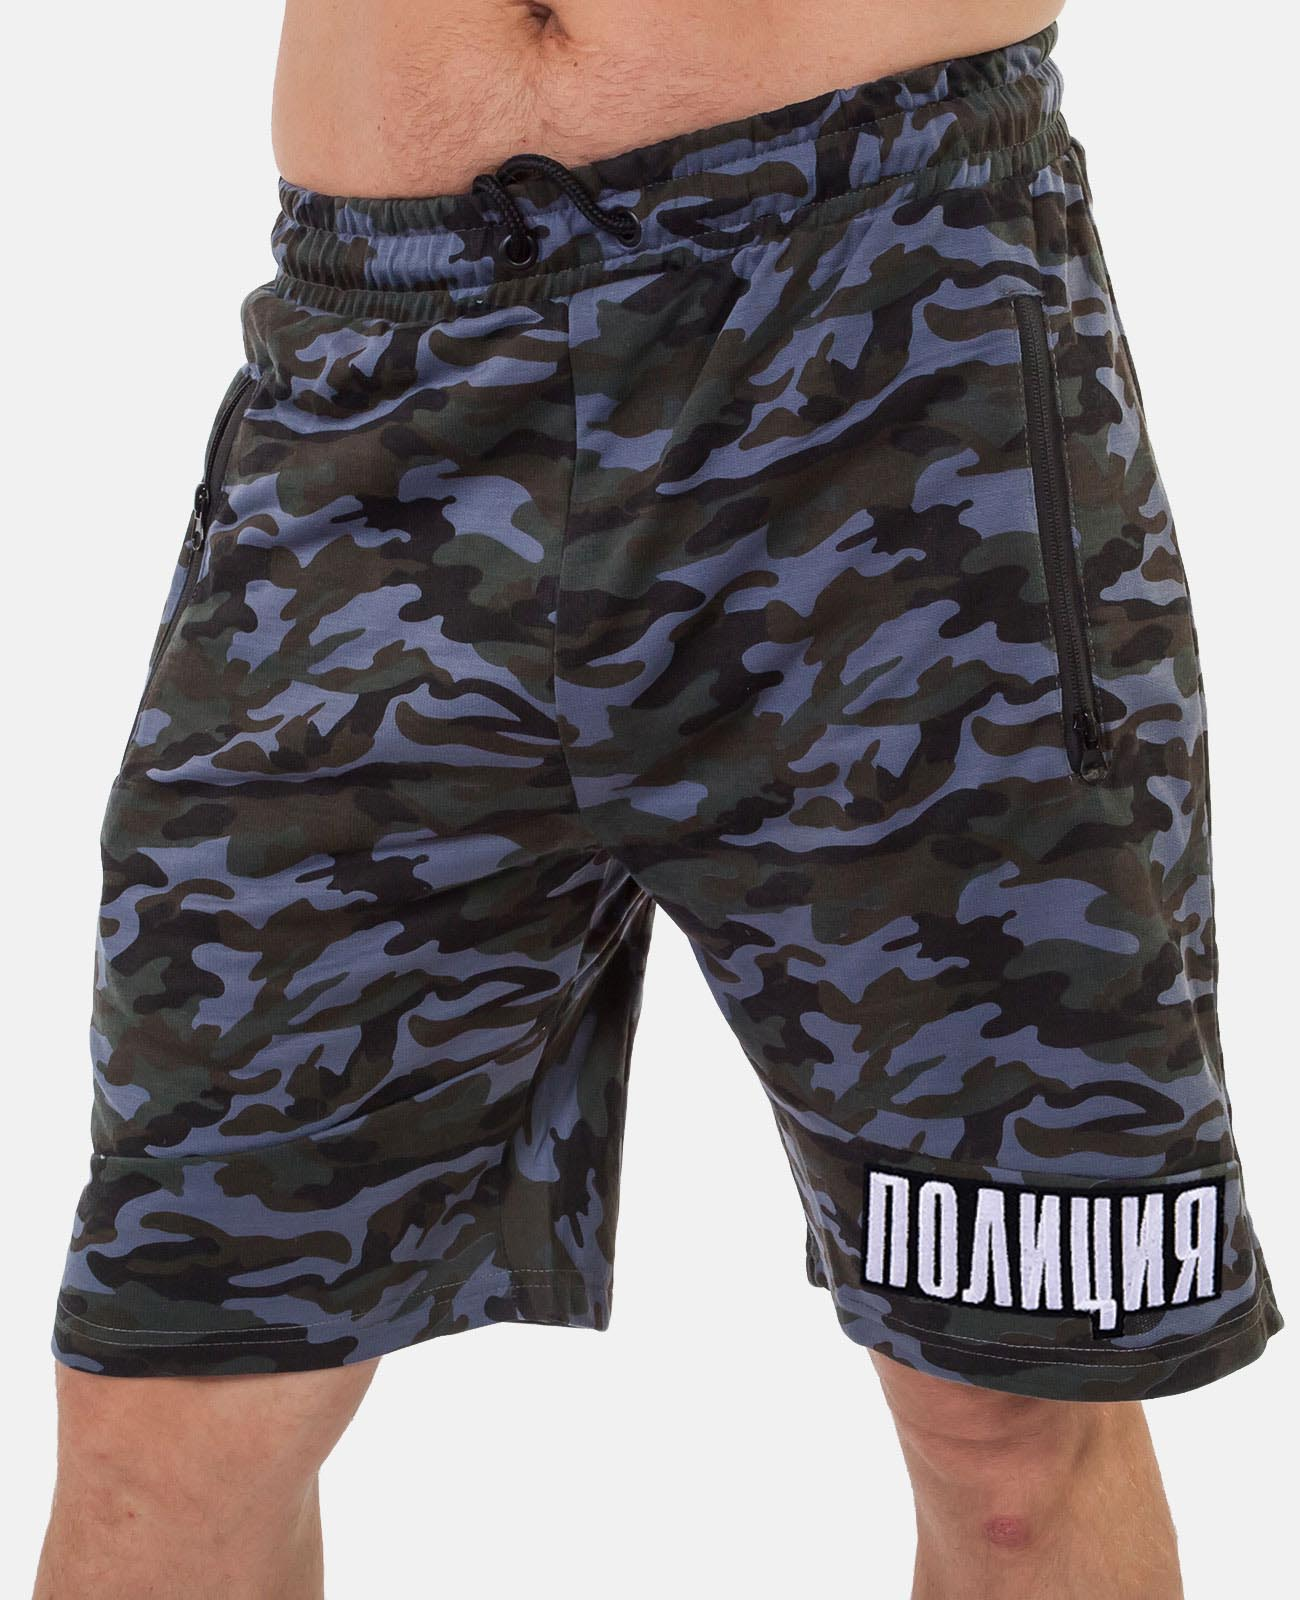 Купить камуфляжные мужские шорты с нашивкой ПОЛИЦИЯ с доставкой онлайн